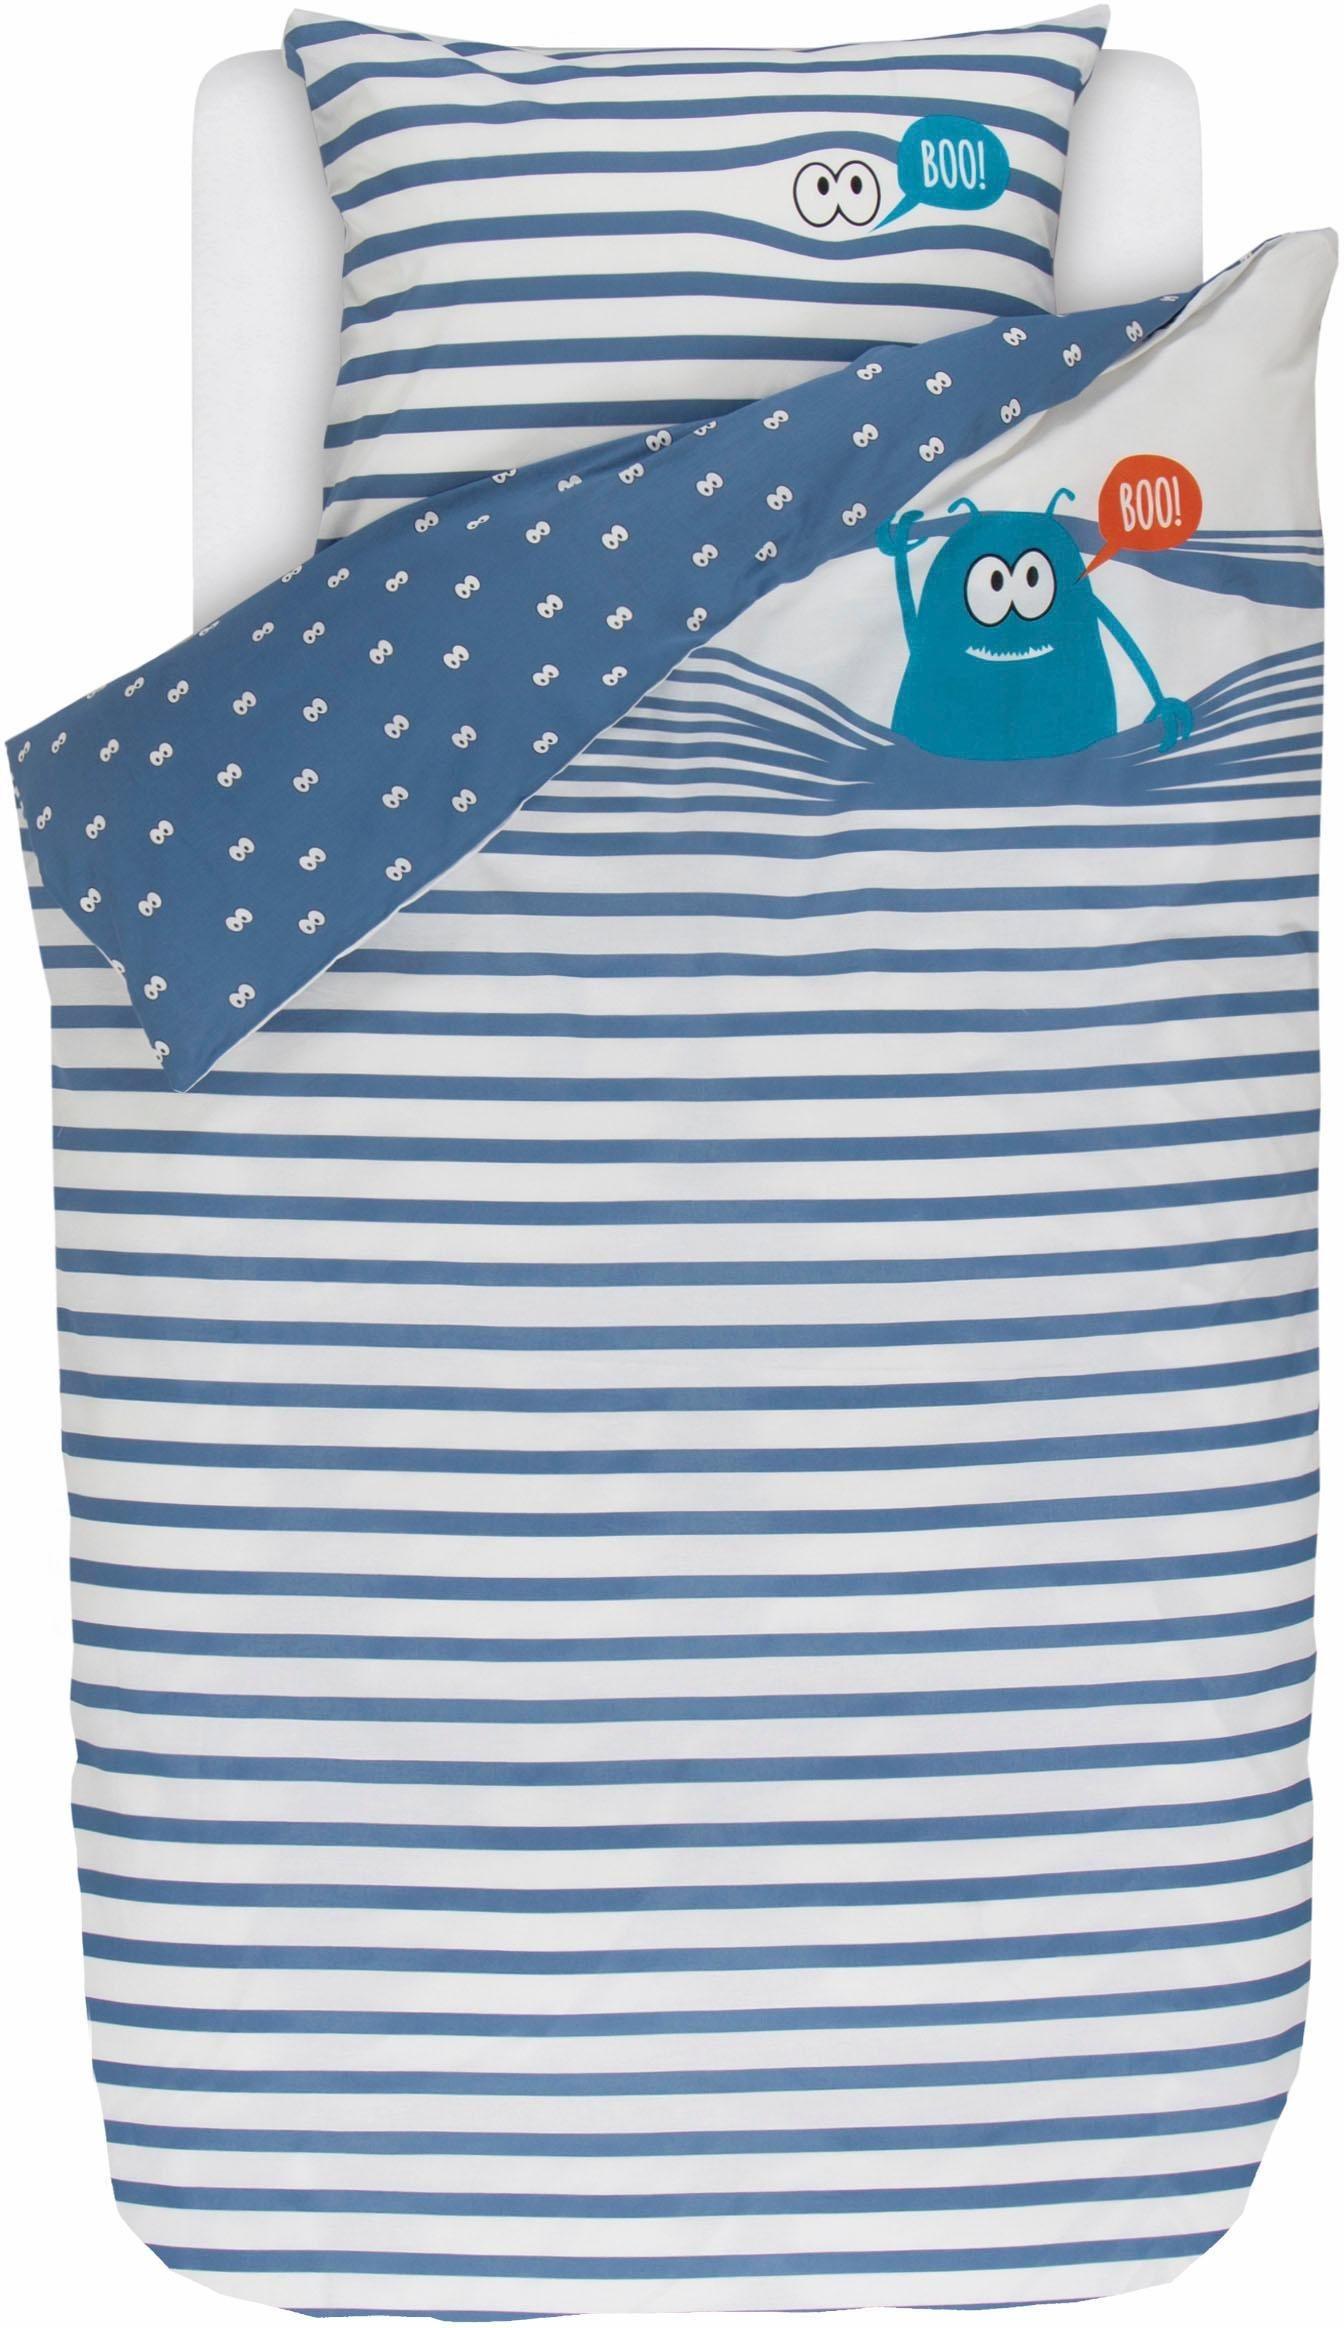 Kinderbettwäsche »Frankie the monster«, Esprit, mit Streifen und kleinem Monster | Kinderzimmer > Textilien für Kinder > Kinderbettwäsche | Esprit